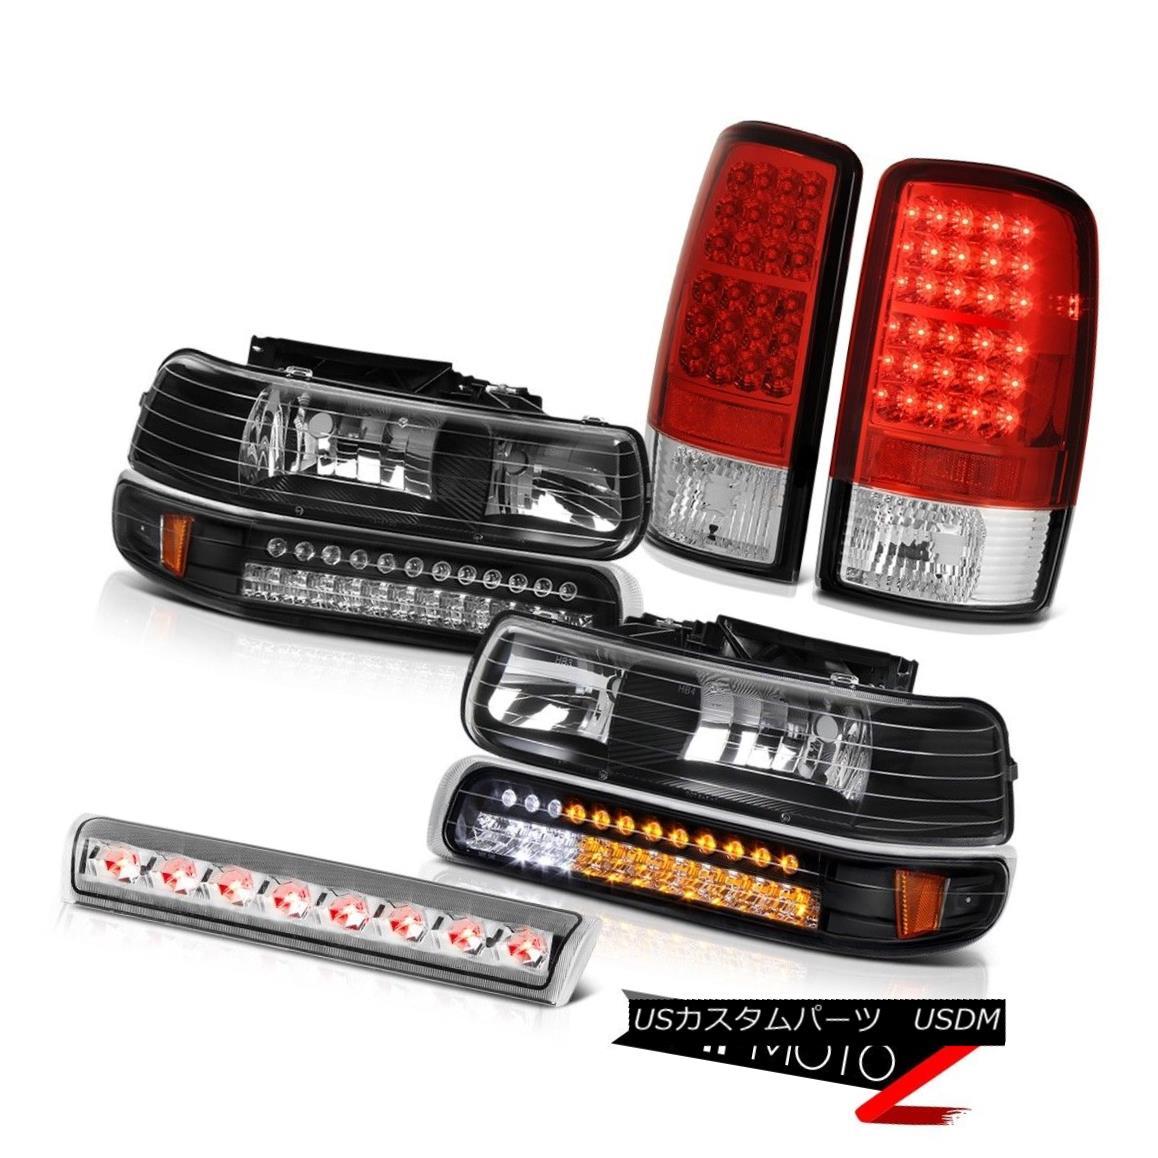 テールライト 2000-2006 Suburban 6.0L Black SMD Parking Headlamps Tail Lights 3rd Brake Cargo 2000-2006郊外6.0LブラックSMDパーキングヘッドランプテールランプ第3ブレーキカーゴ